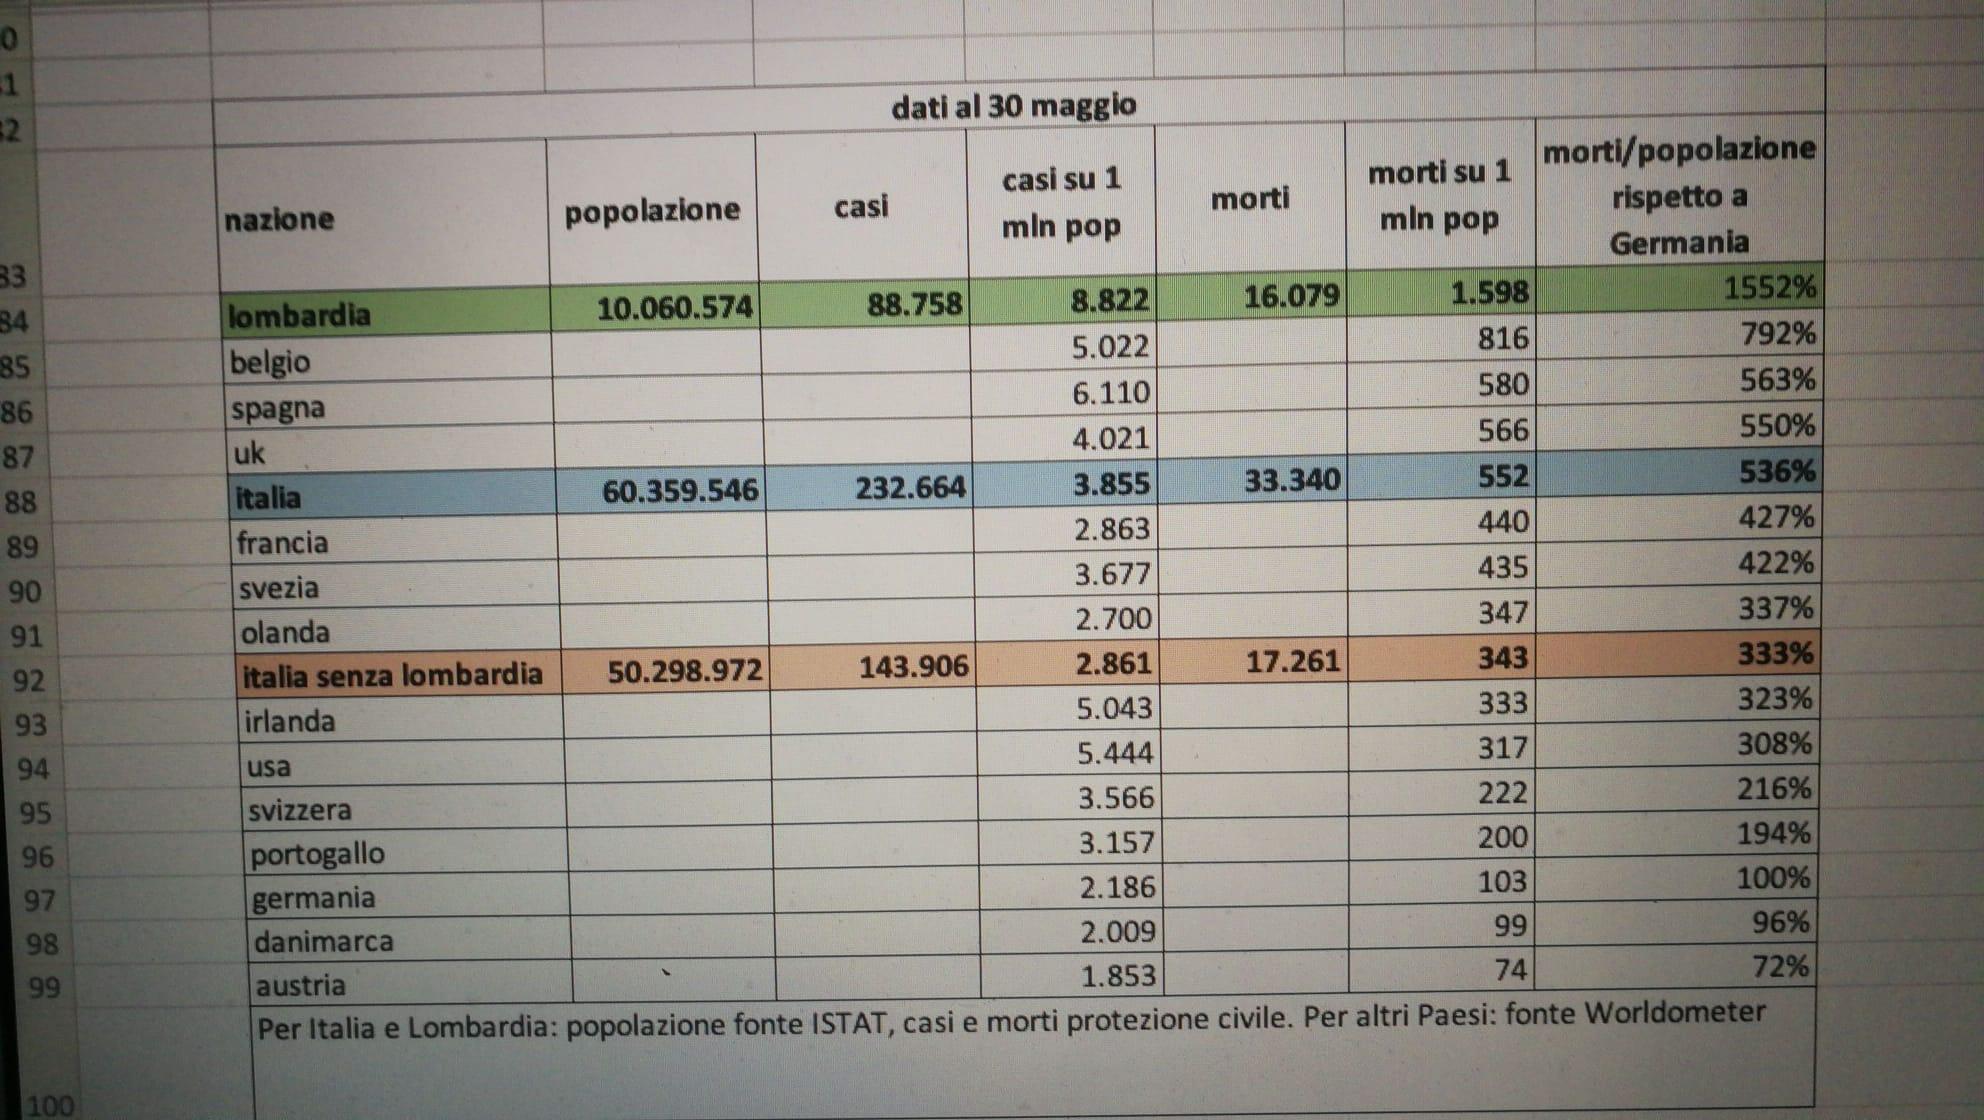 lombardia mortalità coronavirus resto d'italia